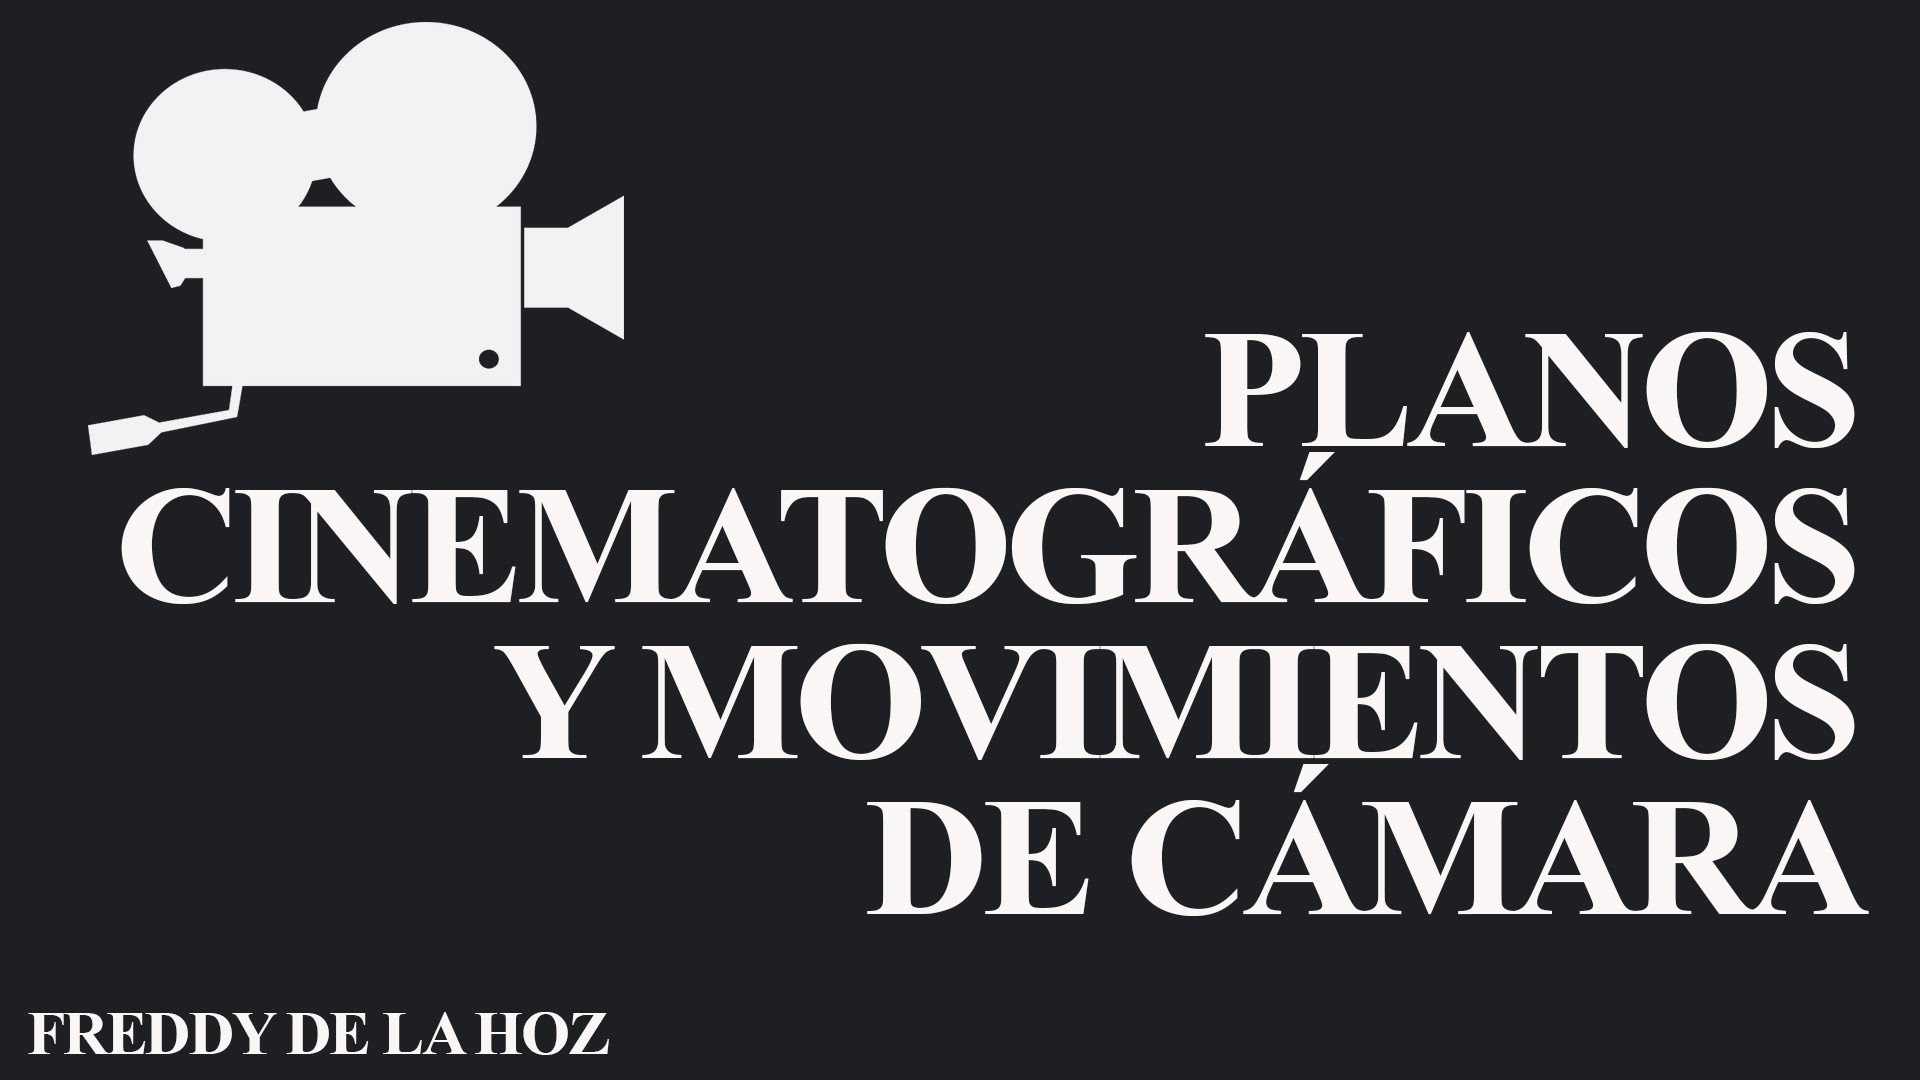 Planos cinematográficos y movimientos de cámara. Ejemplos